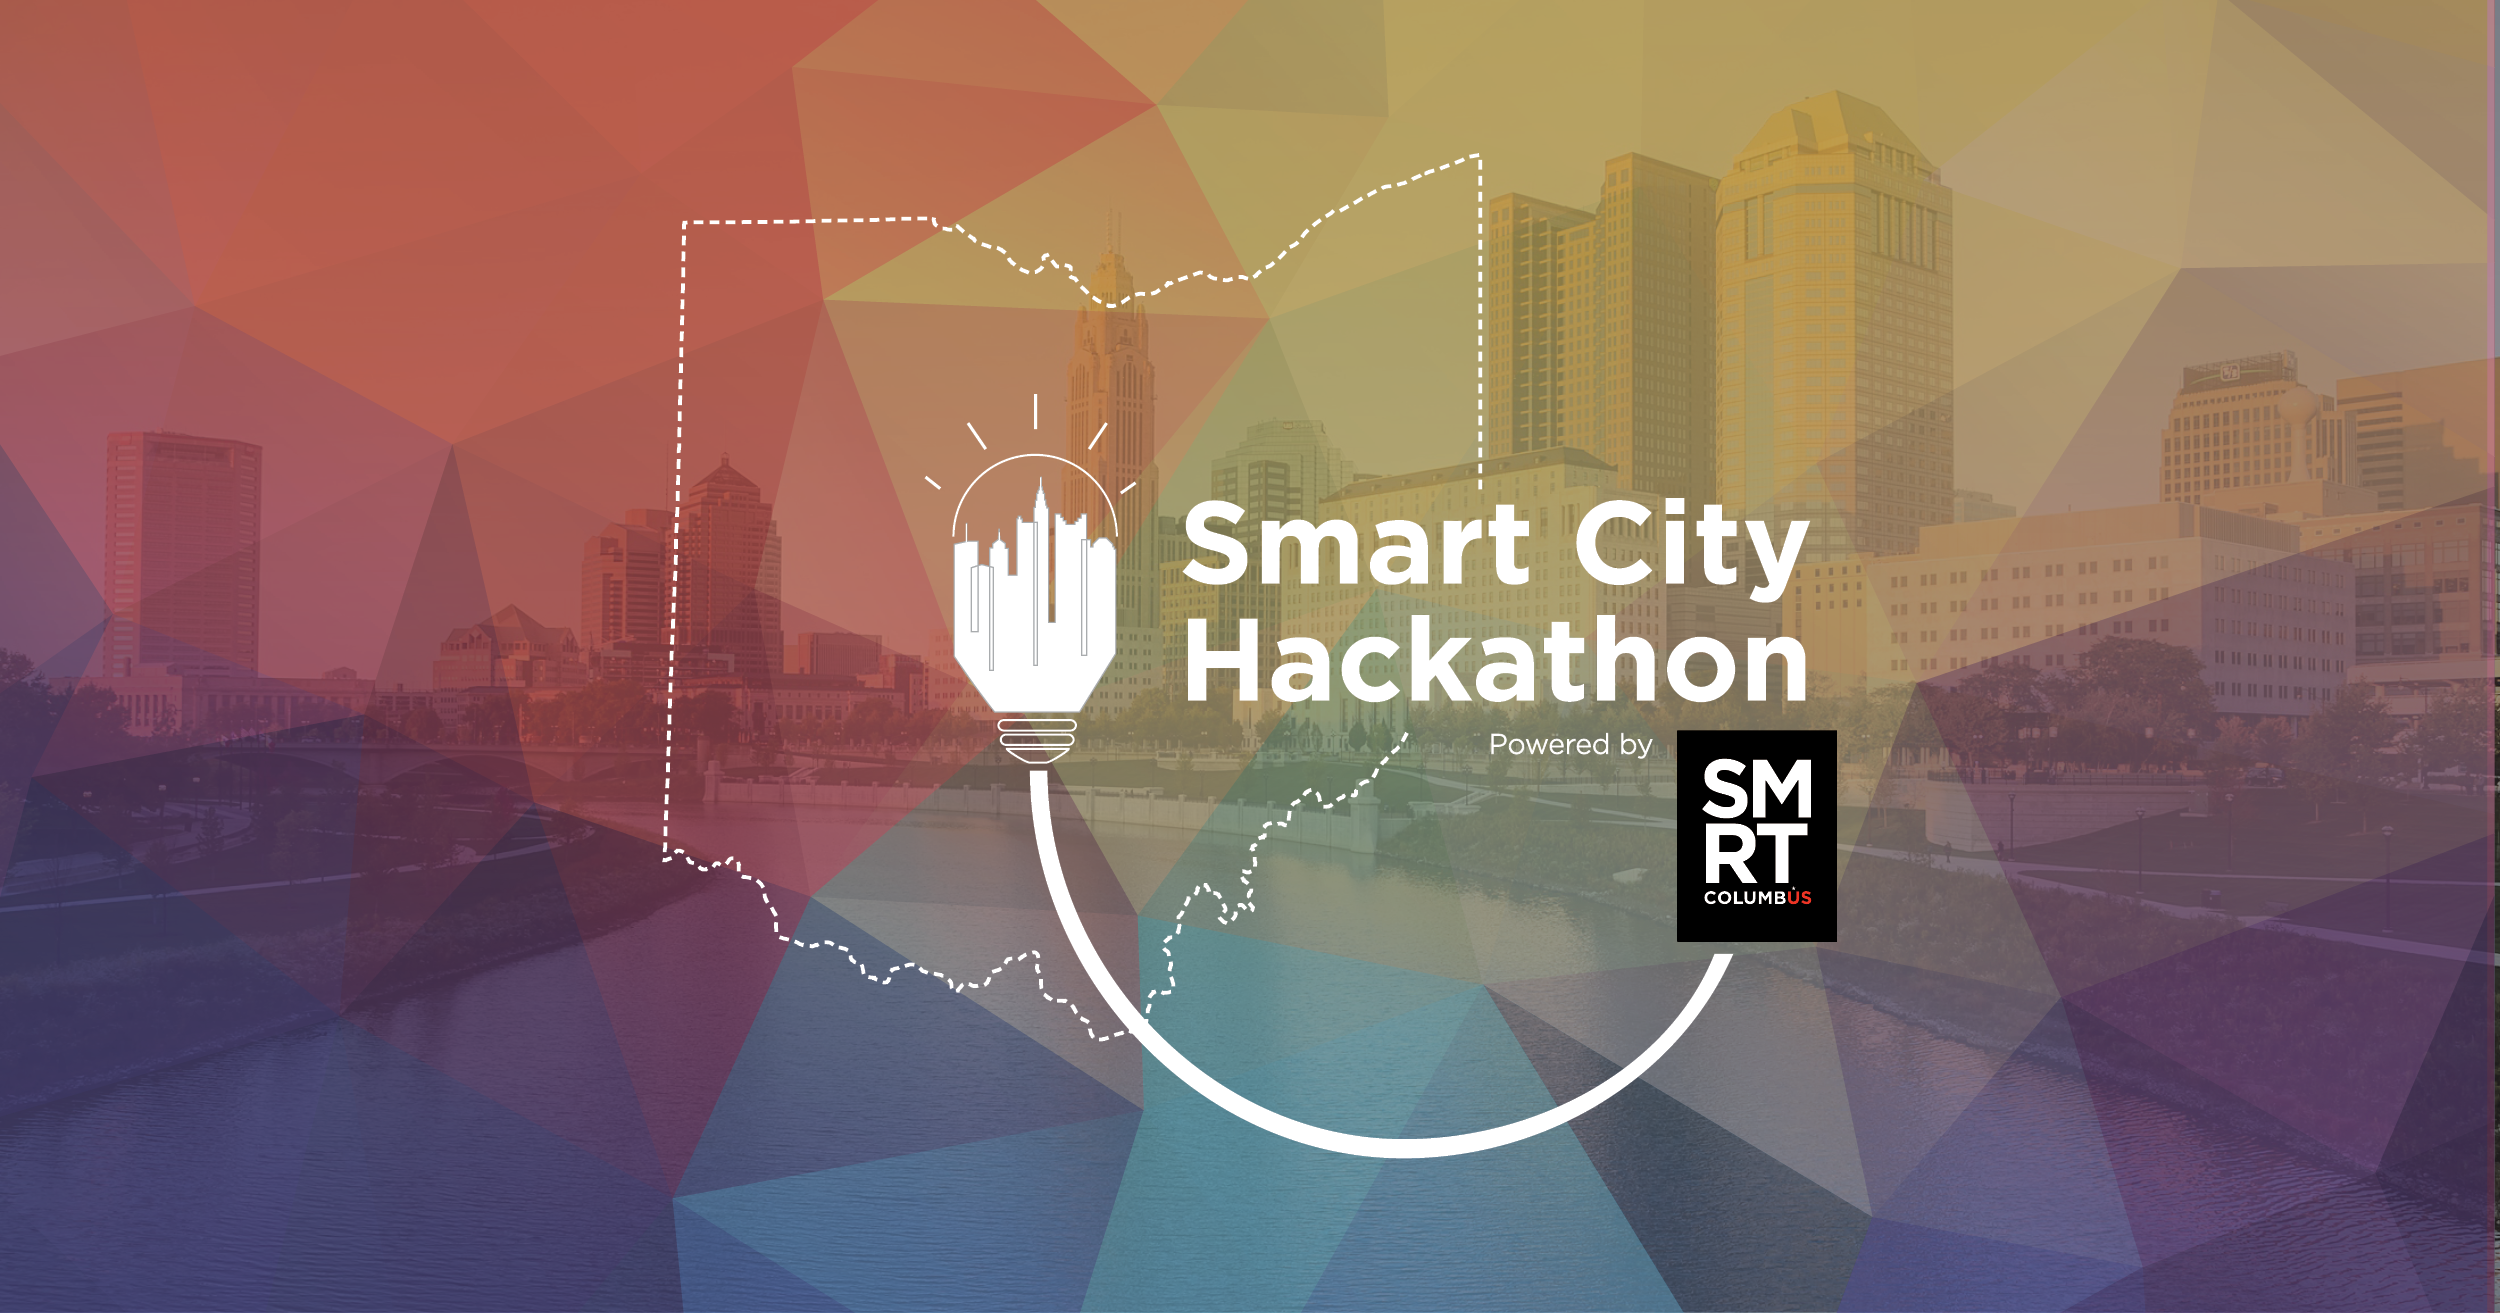 Smart Columbus Hackathon - Image Graphics - Set 2 -4.png